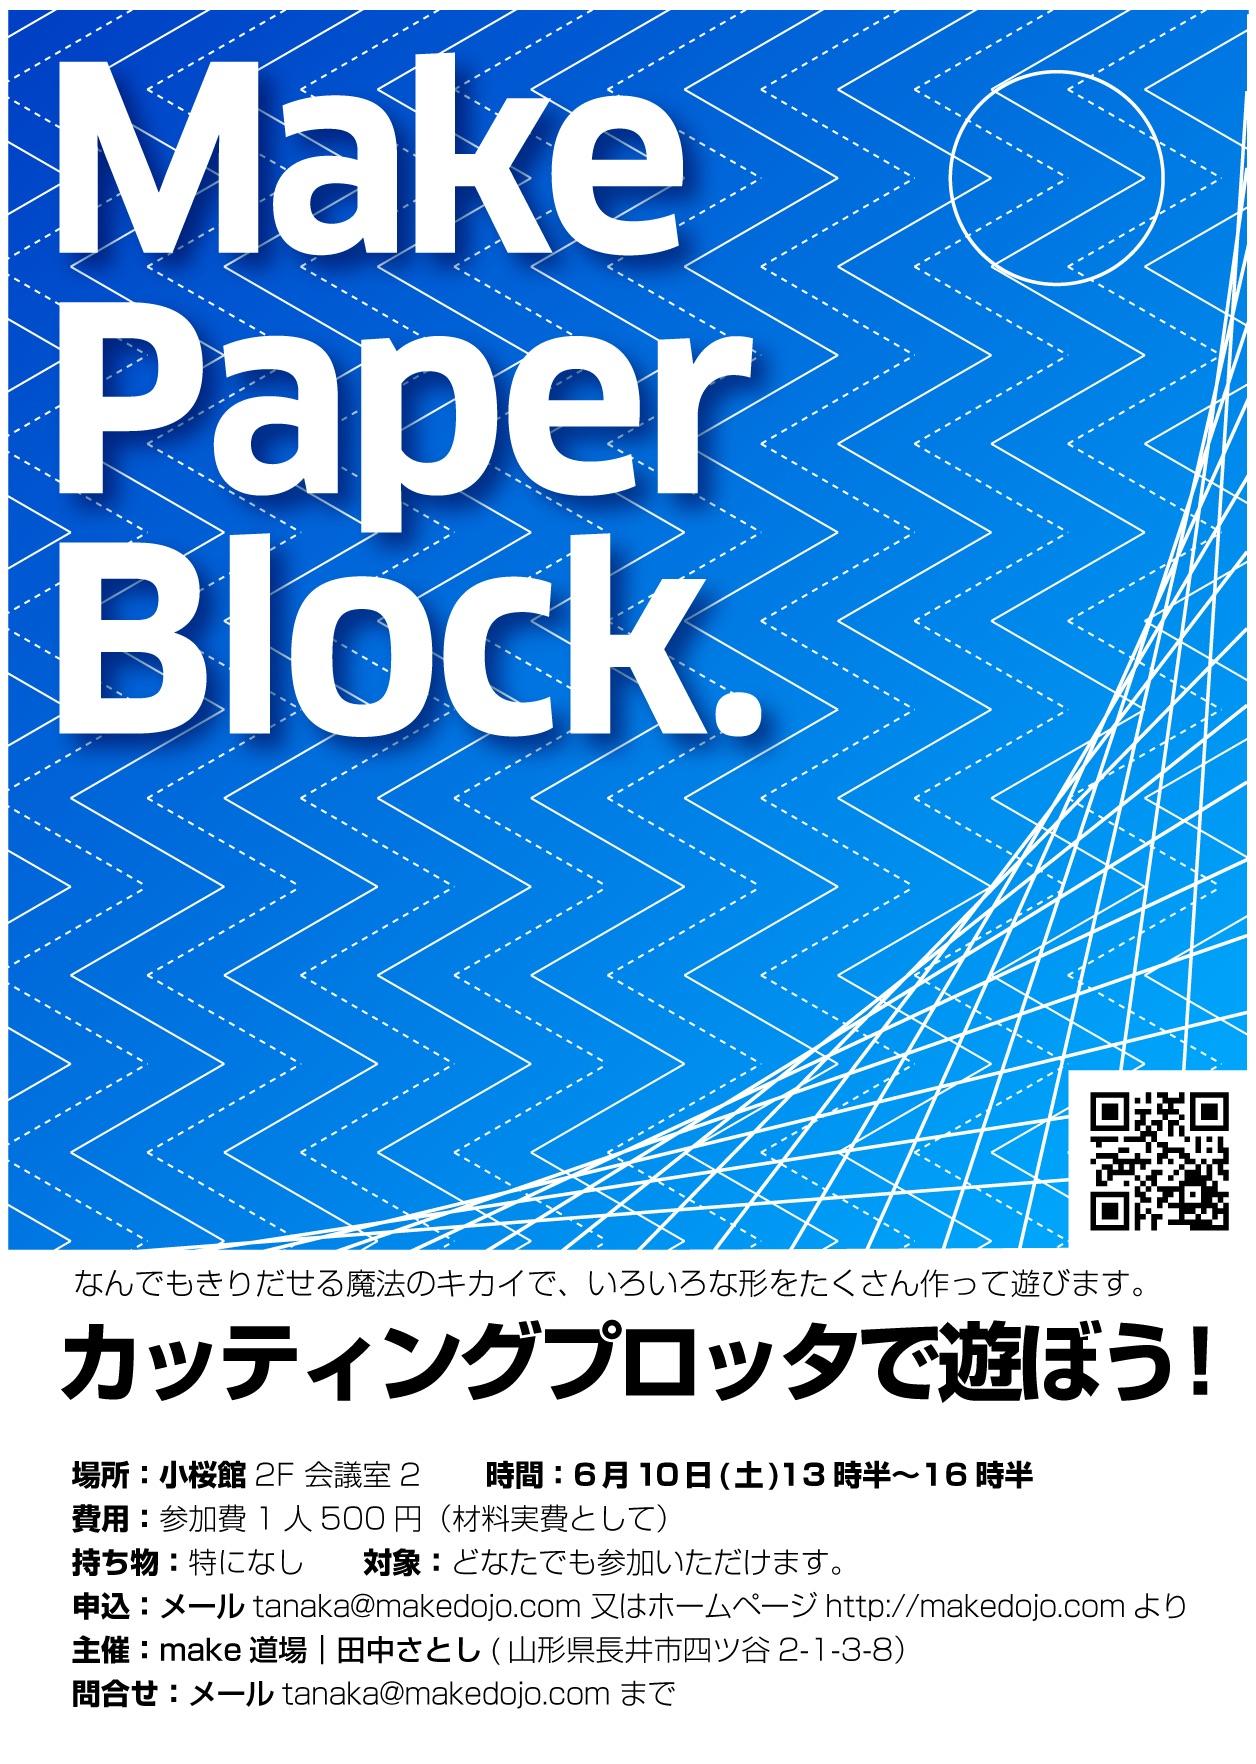 Make Paperblock「カッティングプロッタであそぼう!」のお知らせ